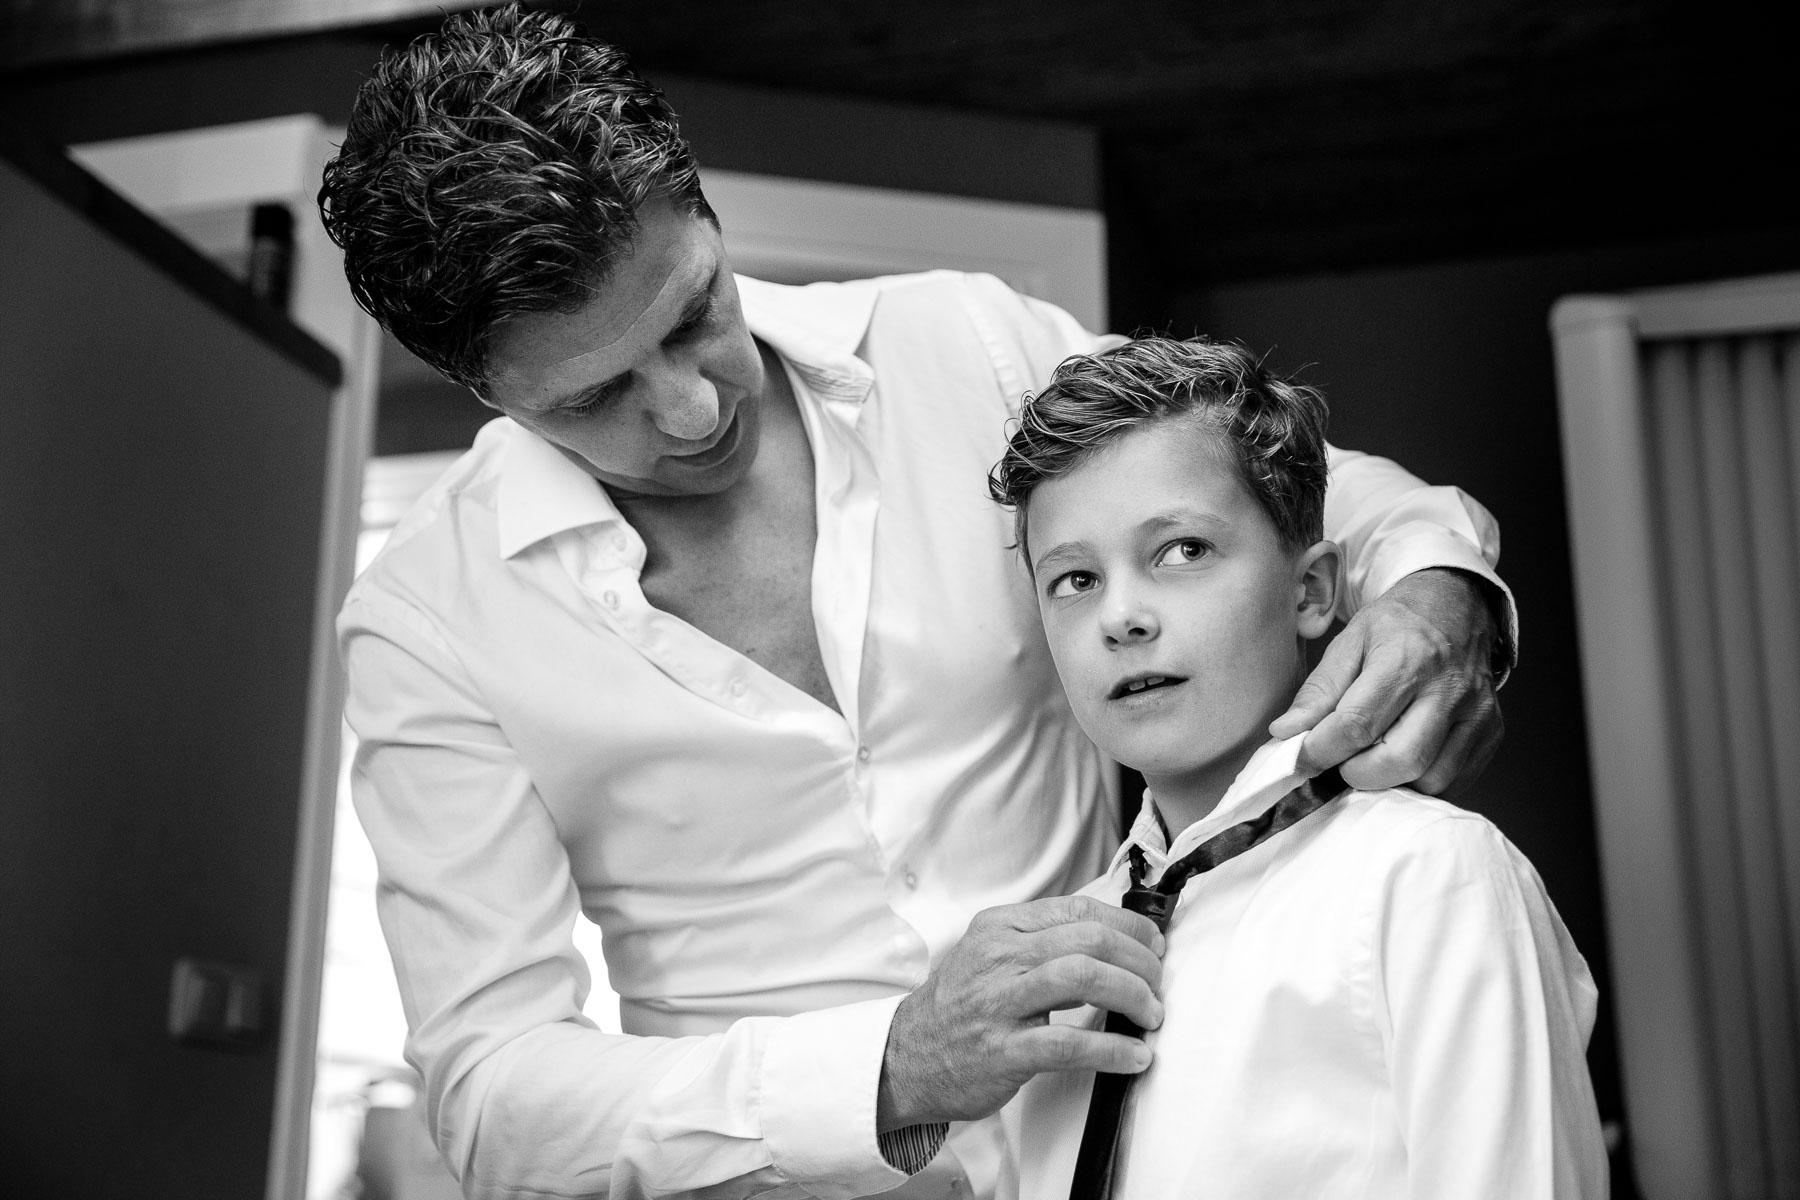 Vaders op bruiloften | Trouwfotograaf | Aankleden bruidegom | bruidsinderen